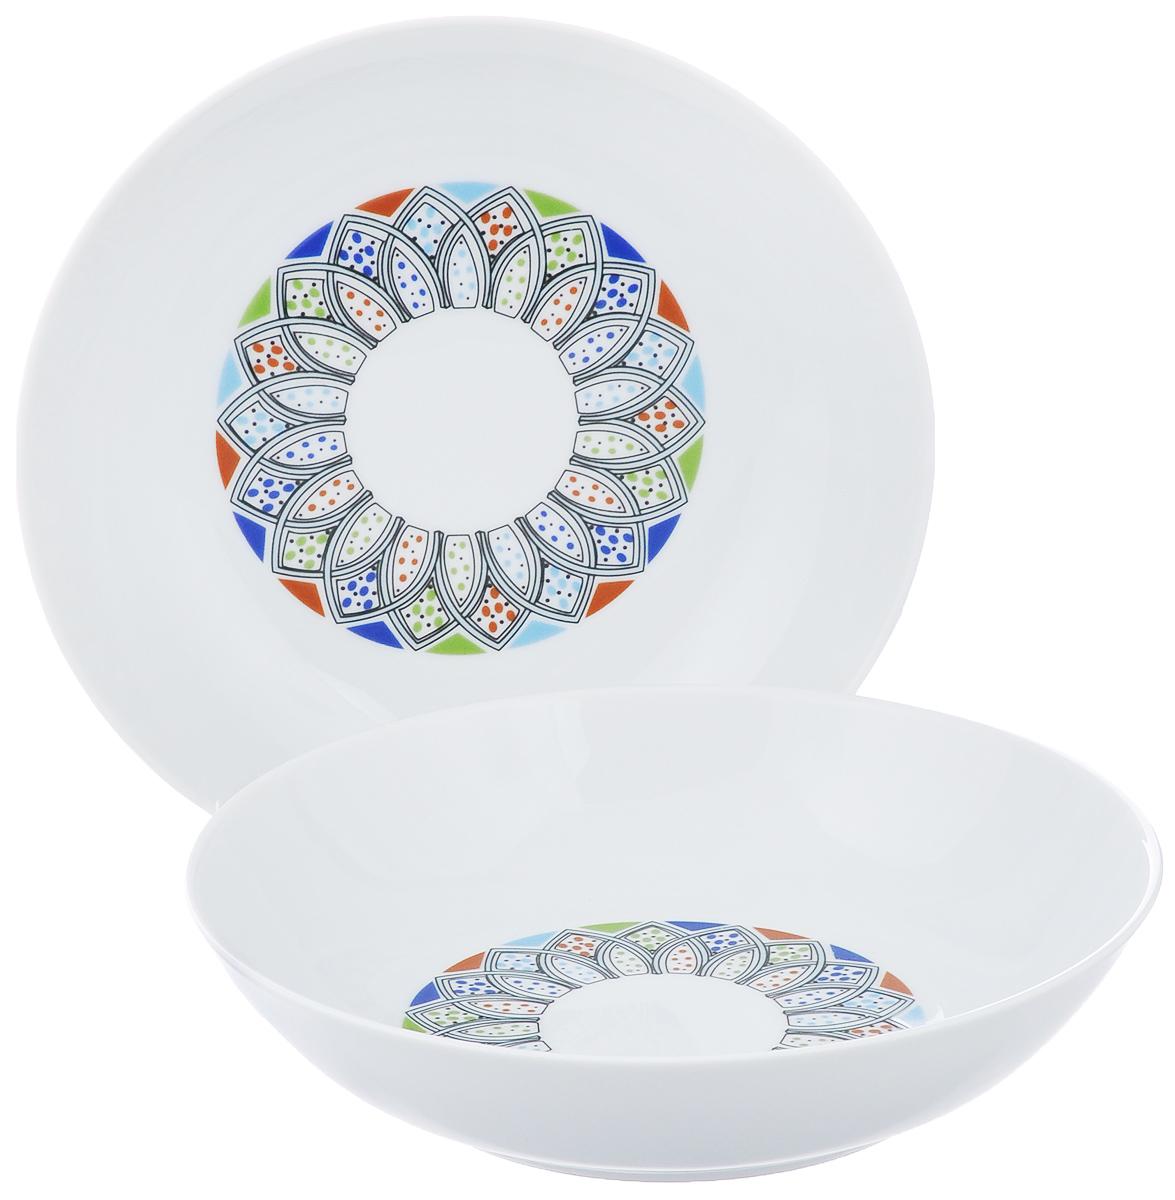 Набор тарелок La Rose Des Sables Monalisa, диаметр 20 см, 2 шт55 0221 2094Набор La Rose Des Sables Monalisa, выполненный из высококачественного фарфора, состоит из двух глубоких тарелок. Изделия декорированы оригинальным восточным узором и прекрасно подойдут для красивой сервировки стола. Эстетичность, функциональность и изящный дизайн сделают набор достойным дополнением к вашему кухонному инвентарю. Набор тарелок La Rose Des Sables Monalisa украсит ваш стол и станет отличным подарком к любому празднику. Диаметр тарелки: 20 см. Высота тарелки: 4,7 см.